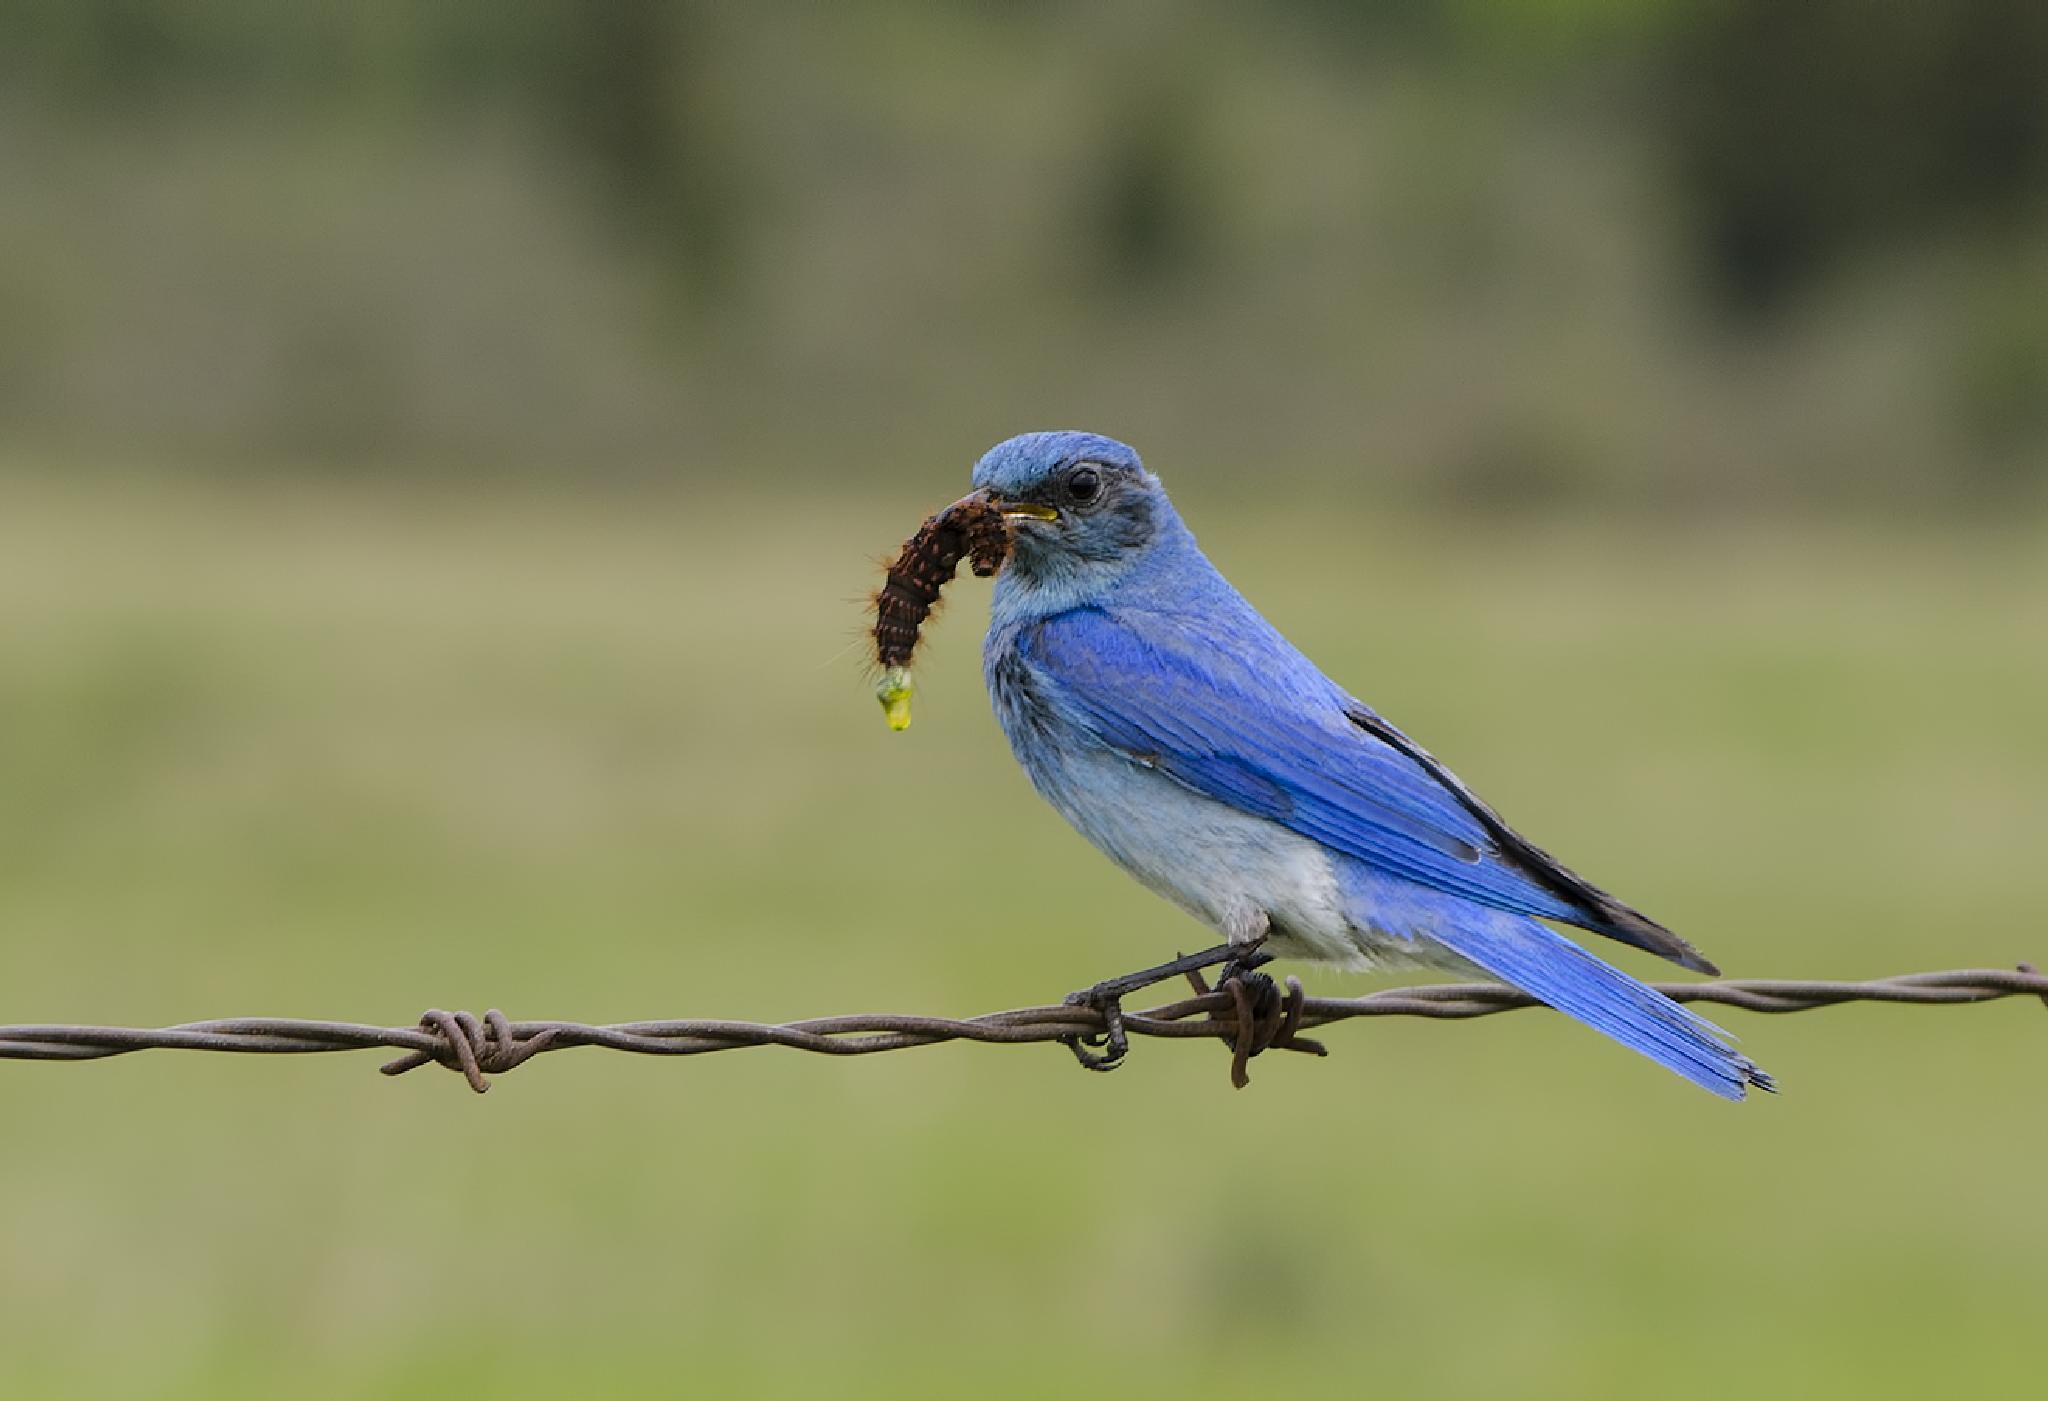 Mountain Blue Bird (male) by Walter Nussbaumer